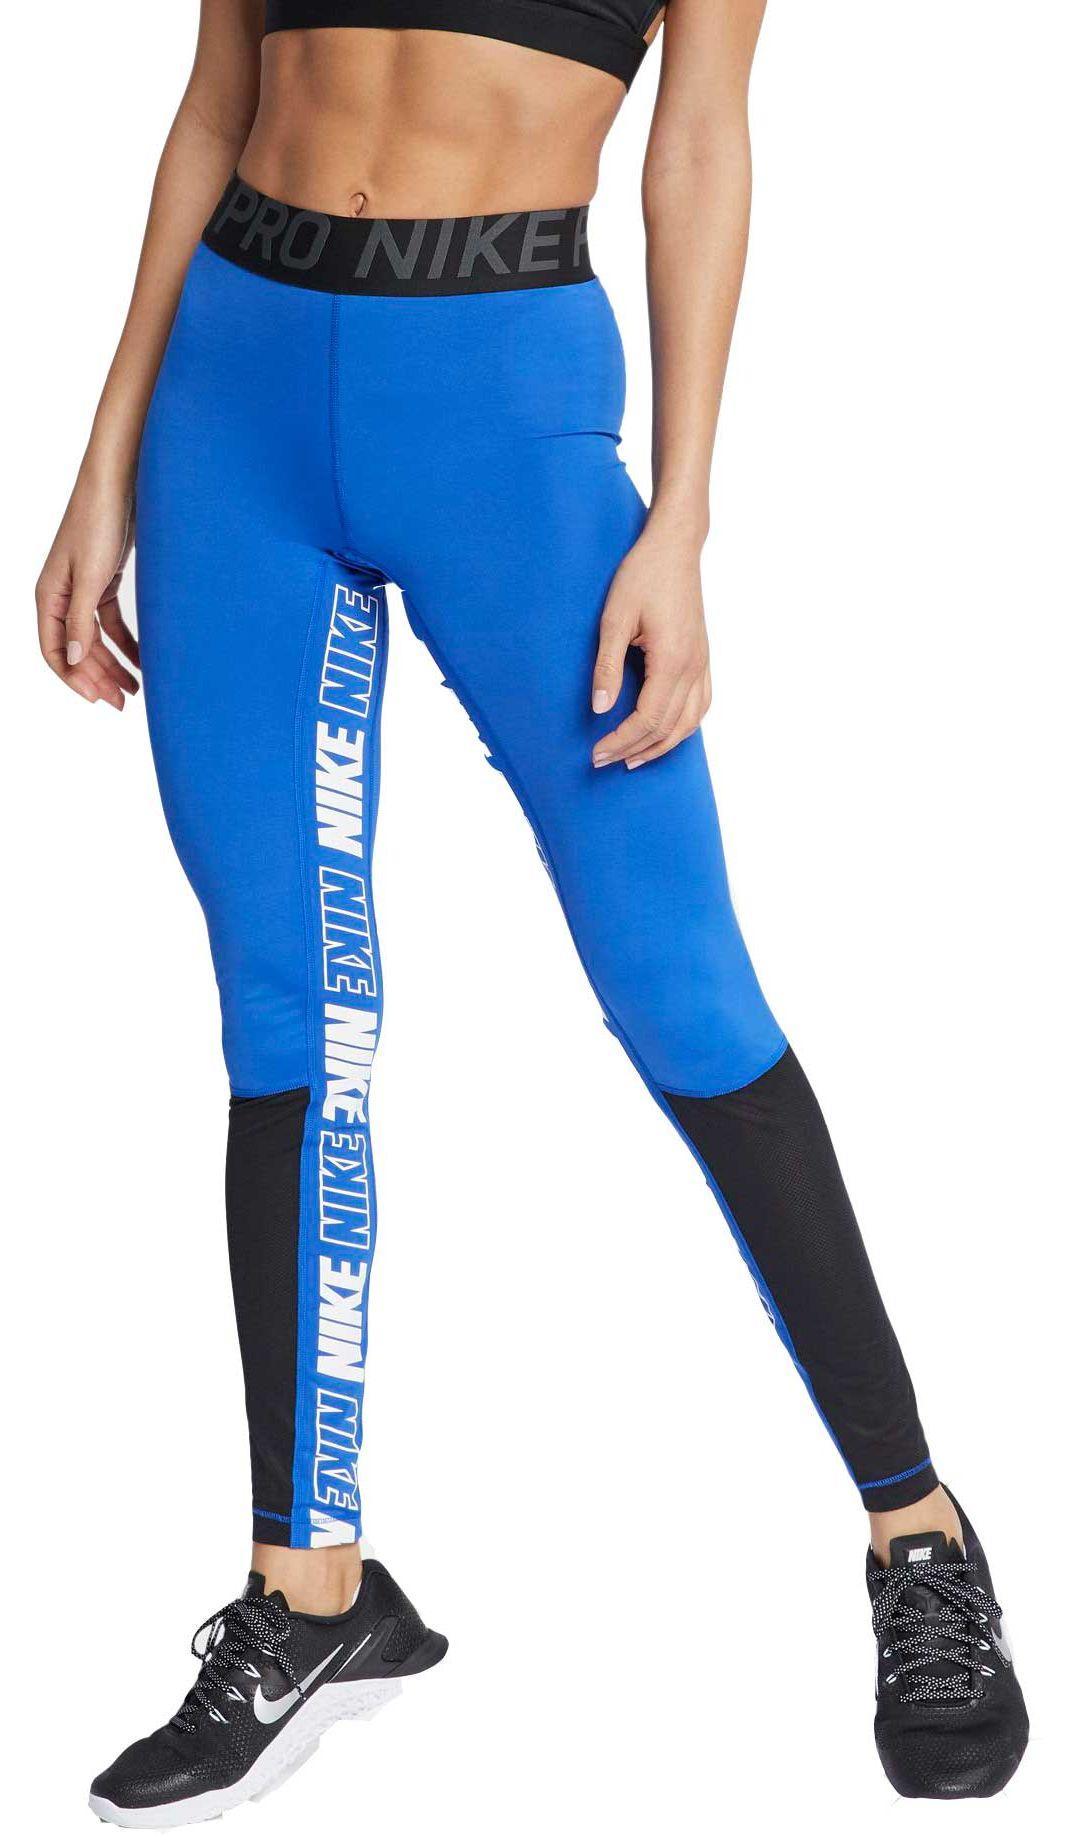 8f9b3803c Nike Women s Pro Sport Distort Training Tights 1